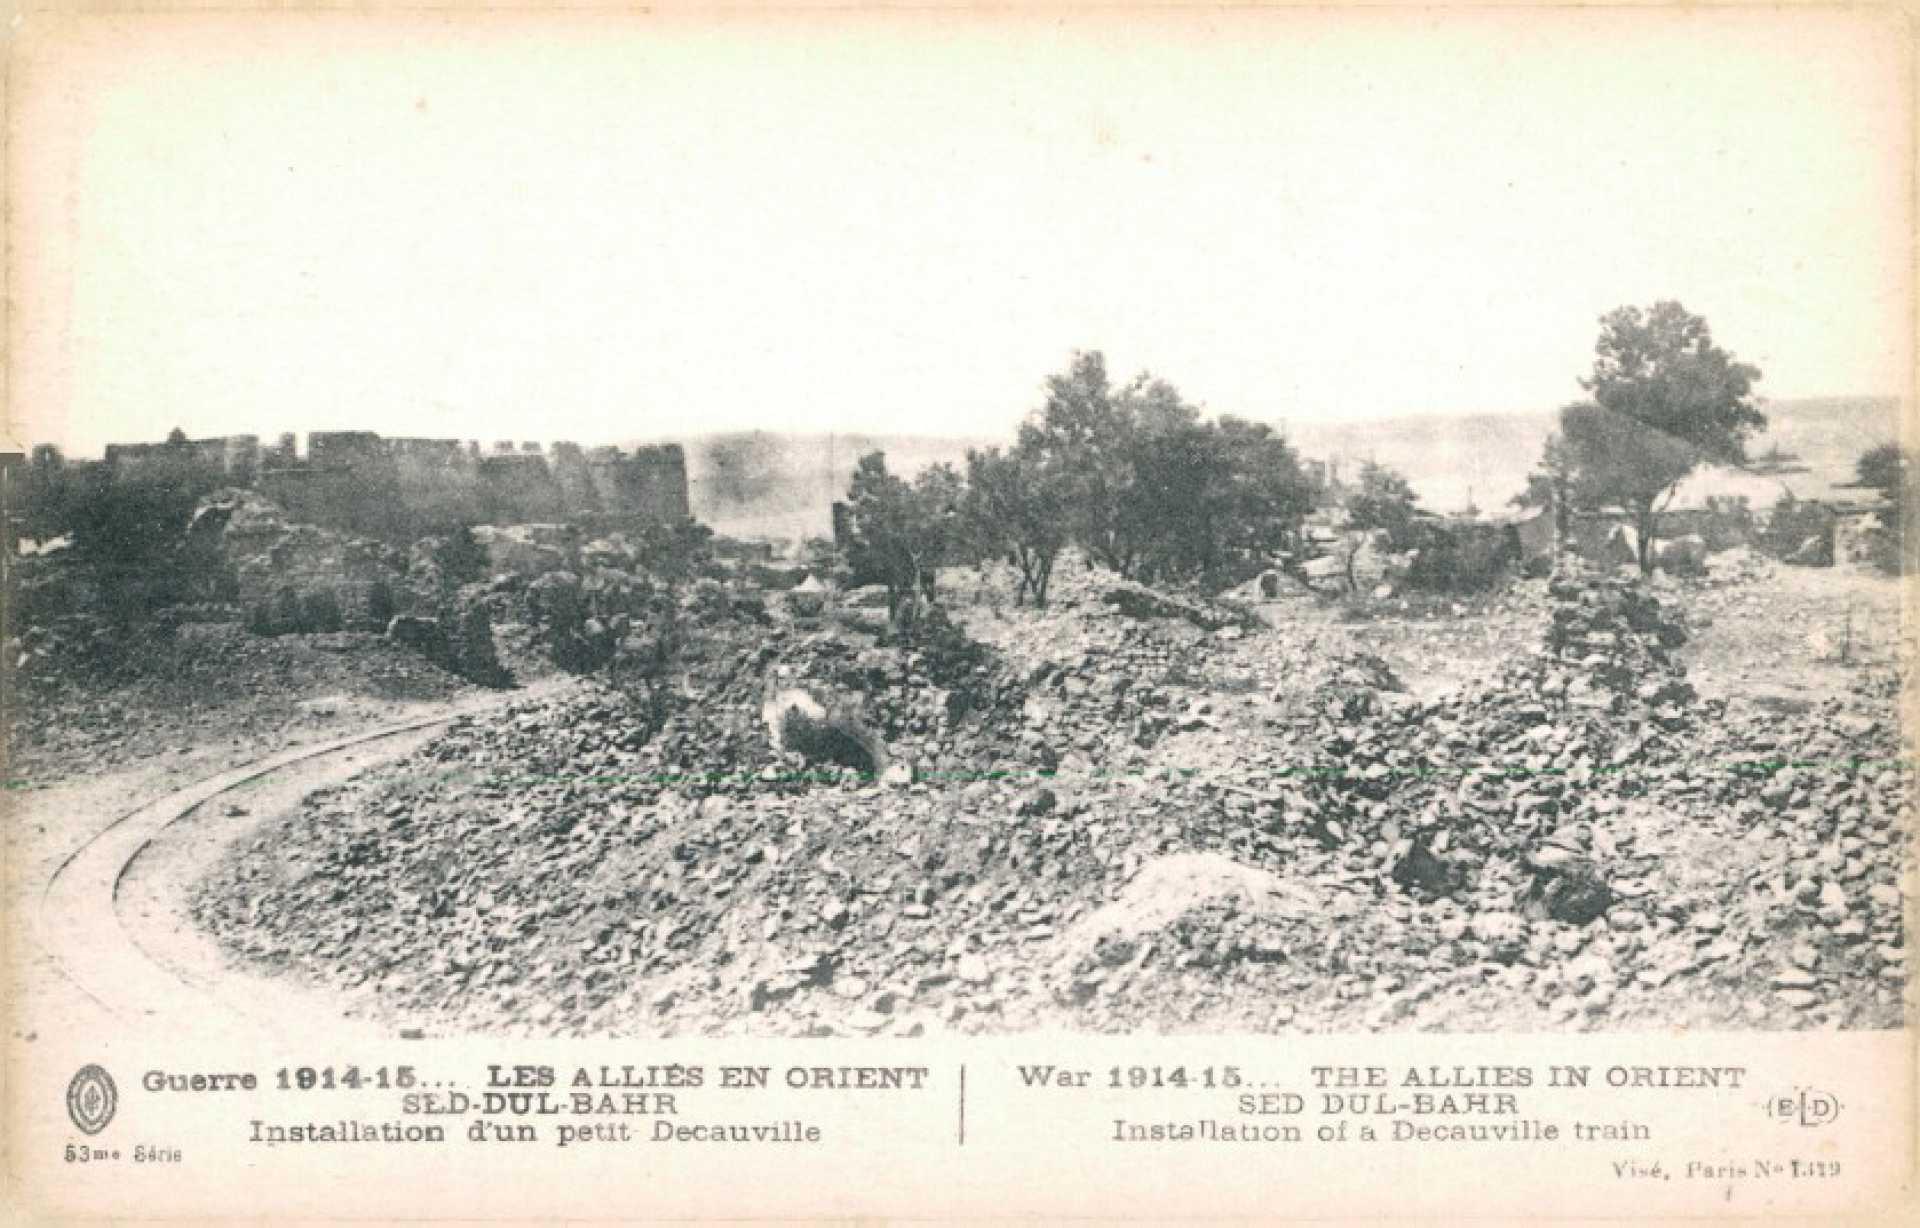 Guerre 1914-15… Les Allies en orient Sed-Dul-Bahr – Installation d'un petit Decauville